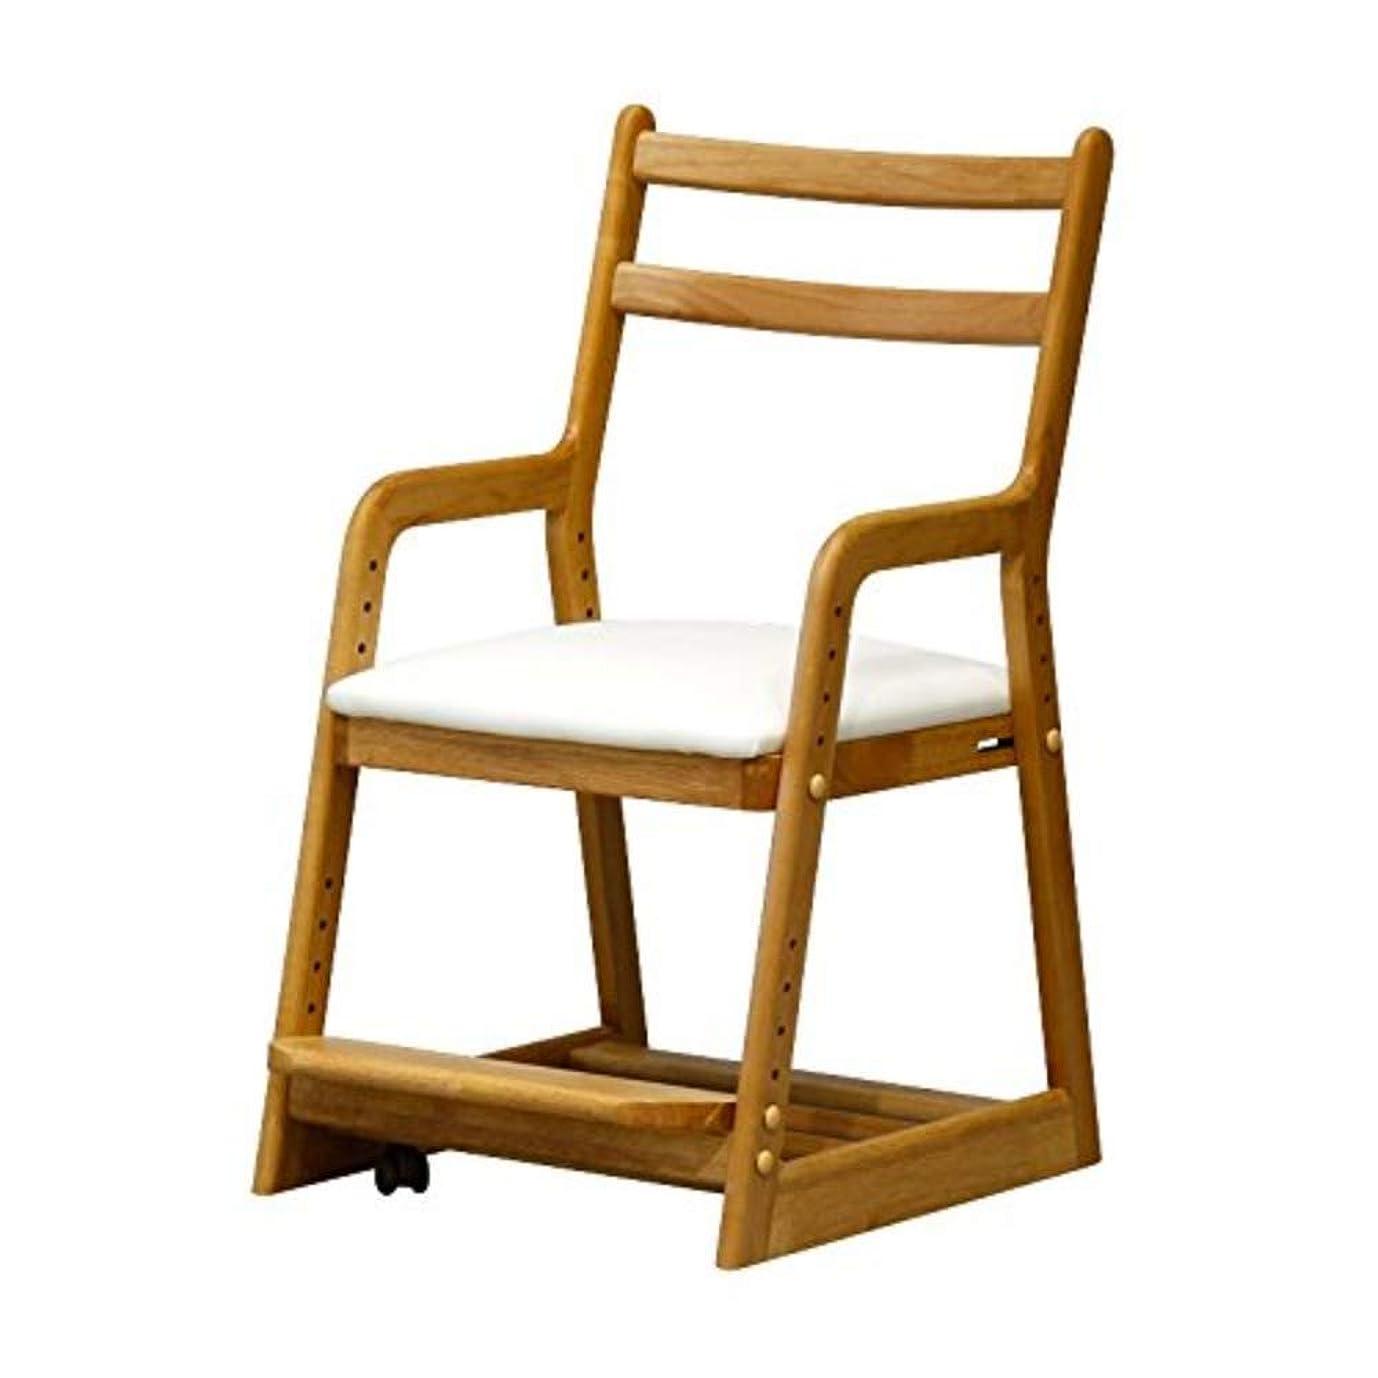 スラダムただ学習ISSEIKI 学習チェア【完成品】ホワイト 幅42(アルダー材)LIFE DESK CHAIR (NA+WH) 木製家具 おしゃれ こども用 一人掛け 学習椅子 インテリア 学童